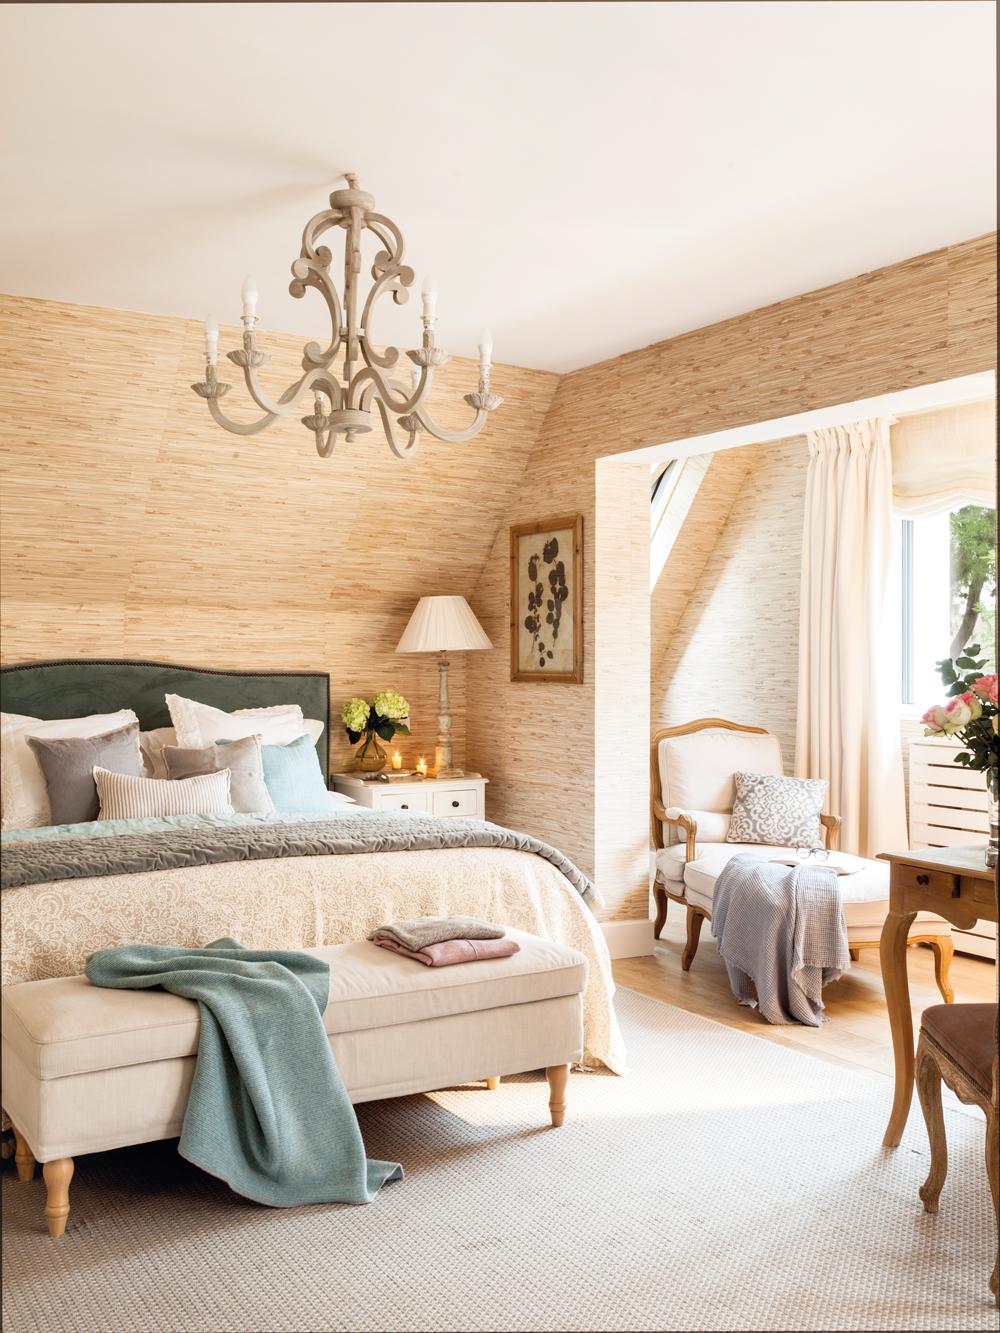 00455066. Dormitorio revestido con papel texturado, butaca y galería, y cabecero verde 00455066